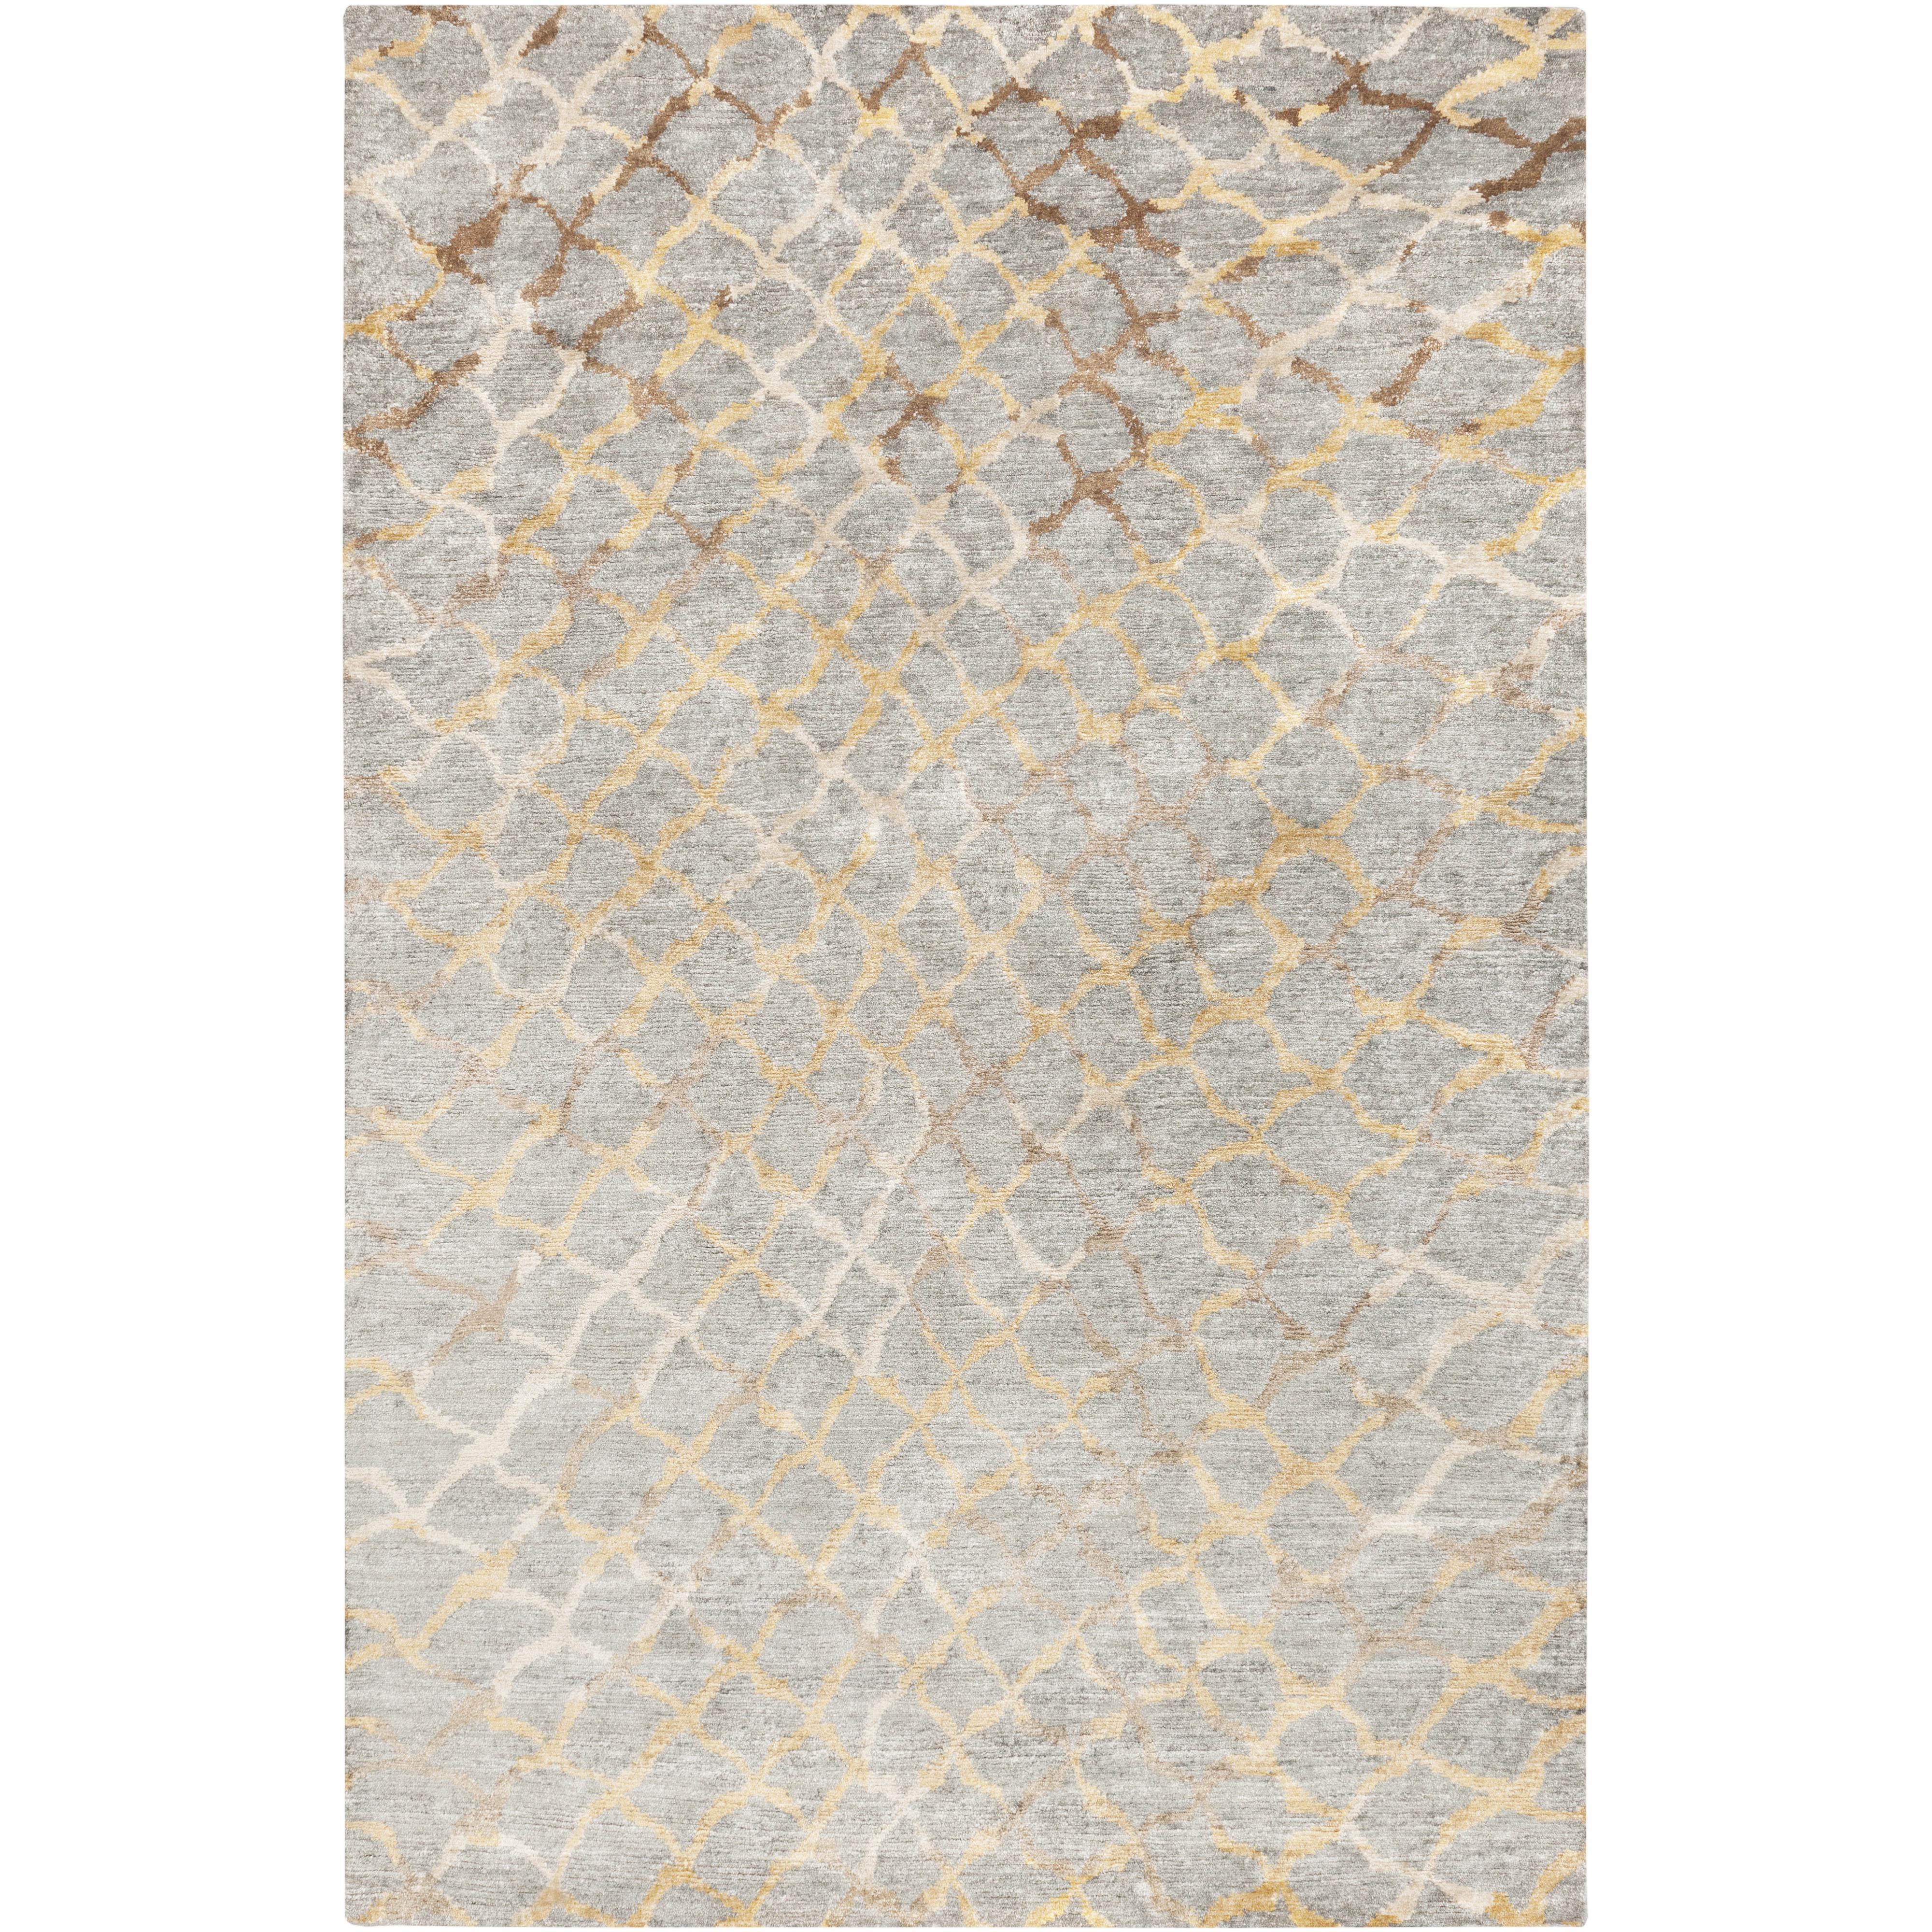 Surya Platinum 5' x 8' - Item Number: PLAT9018-58